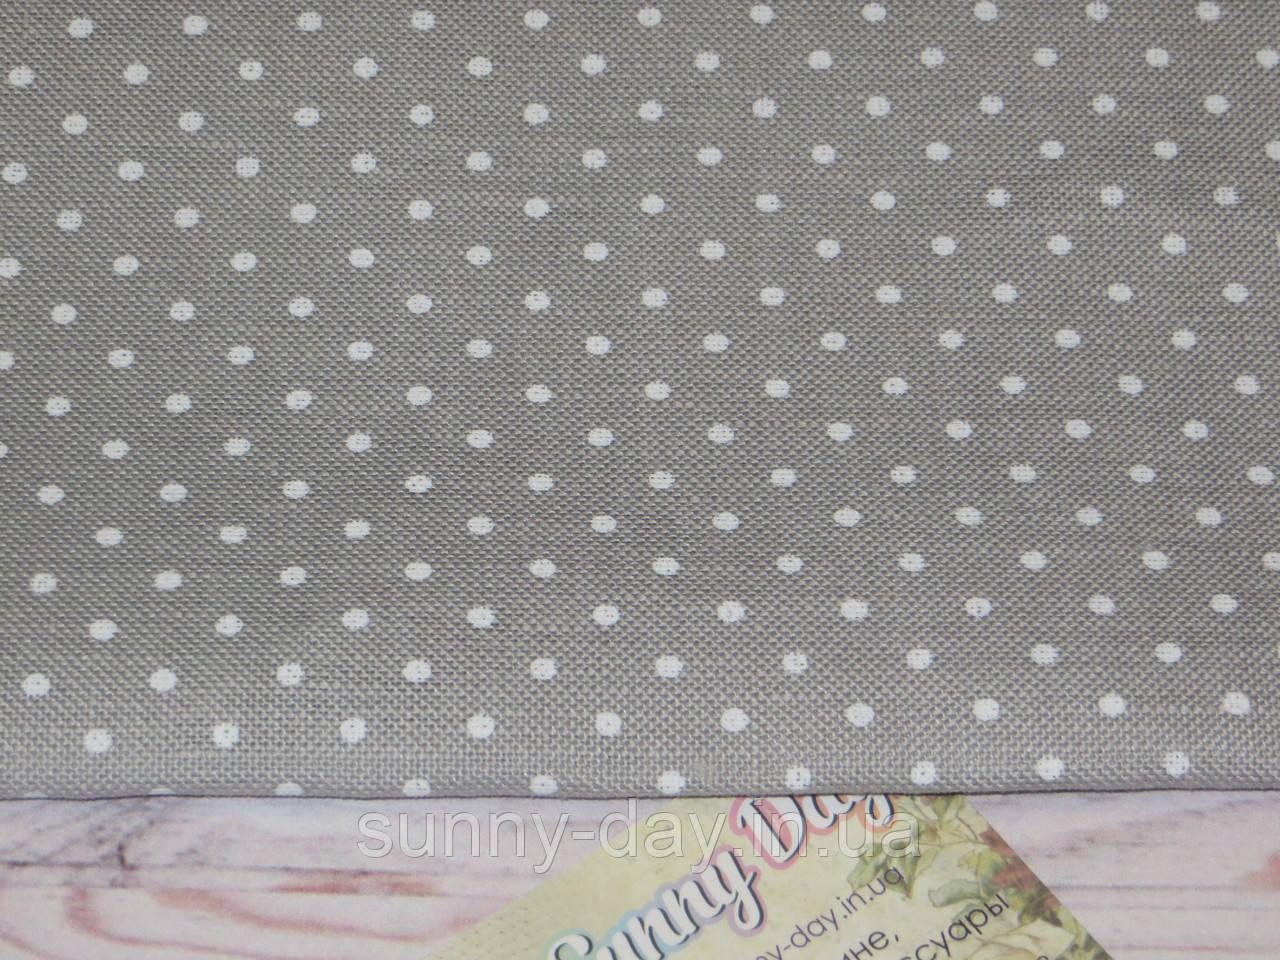 3609/7349 Belfast, цвет -  Gray linen/white dots (серый в белый горошек), 32 ct.